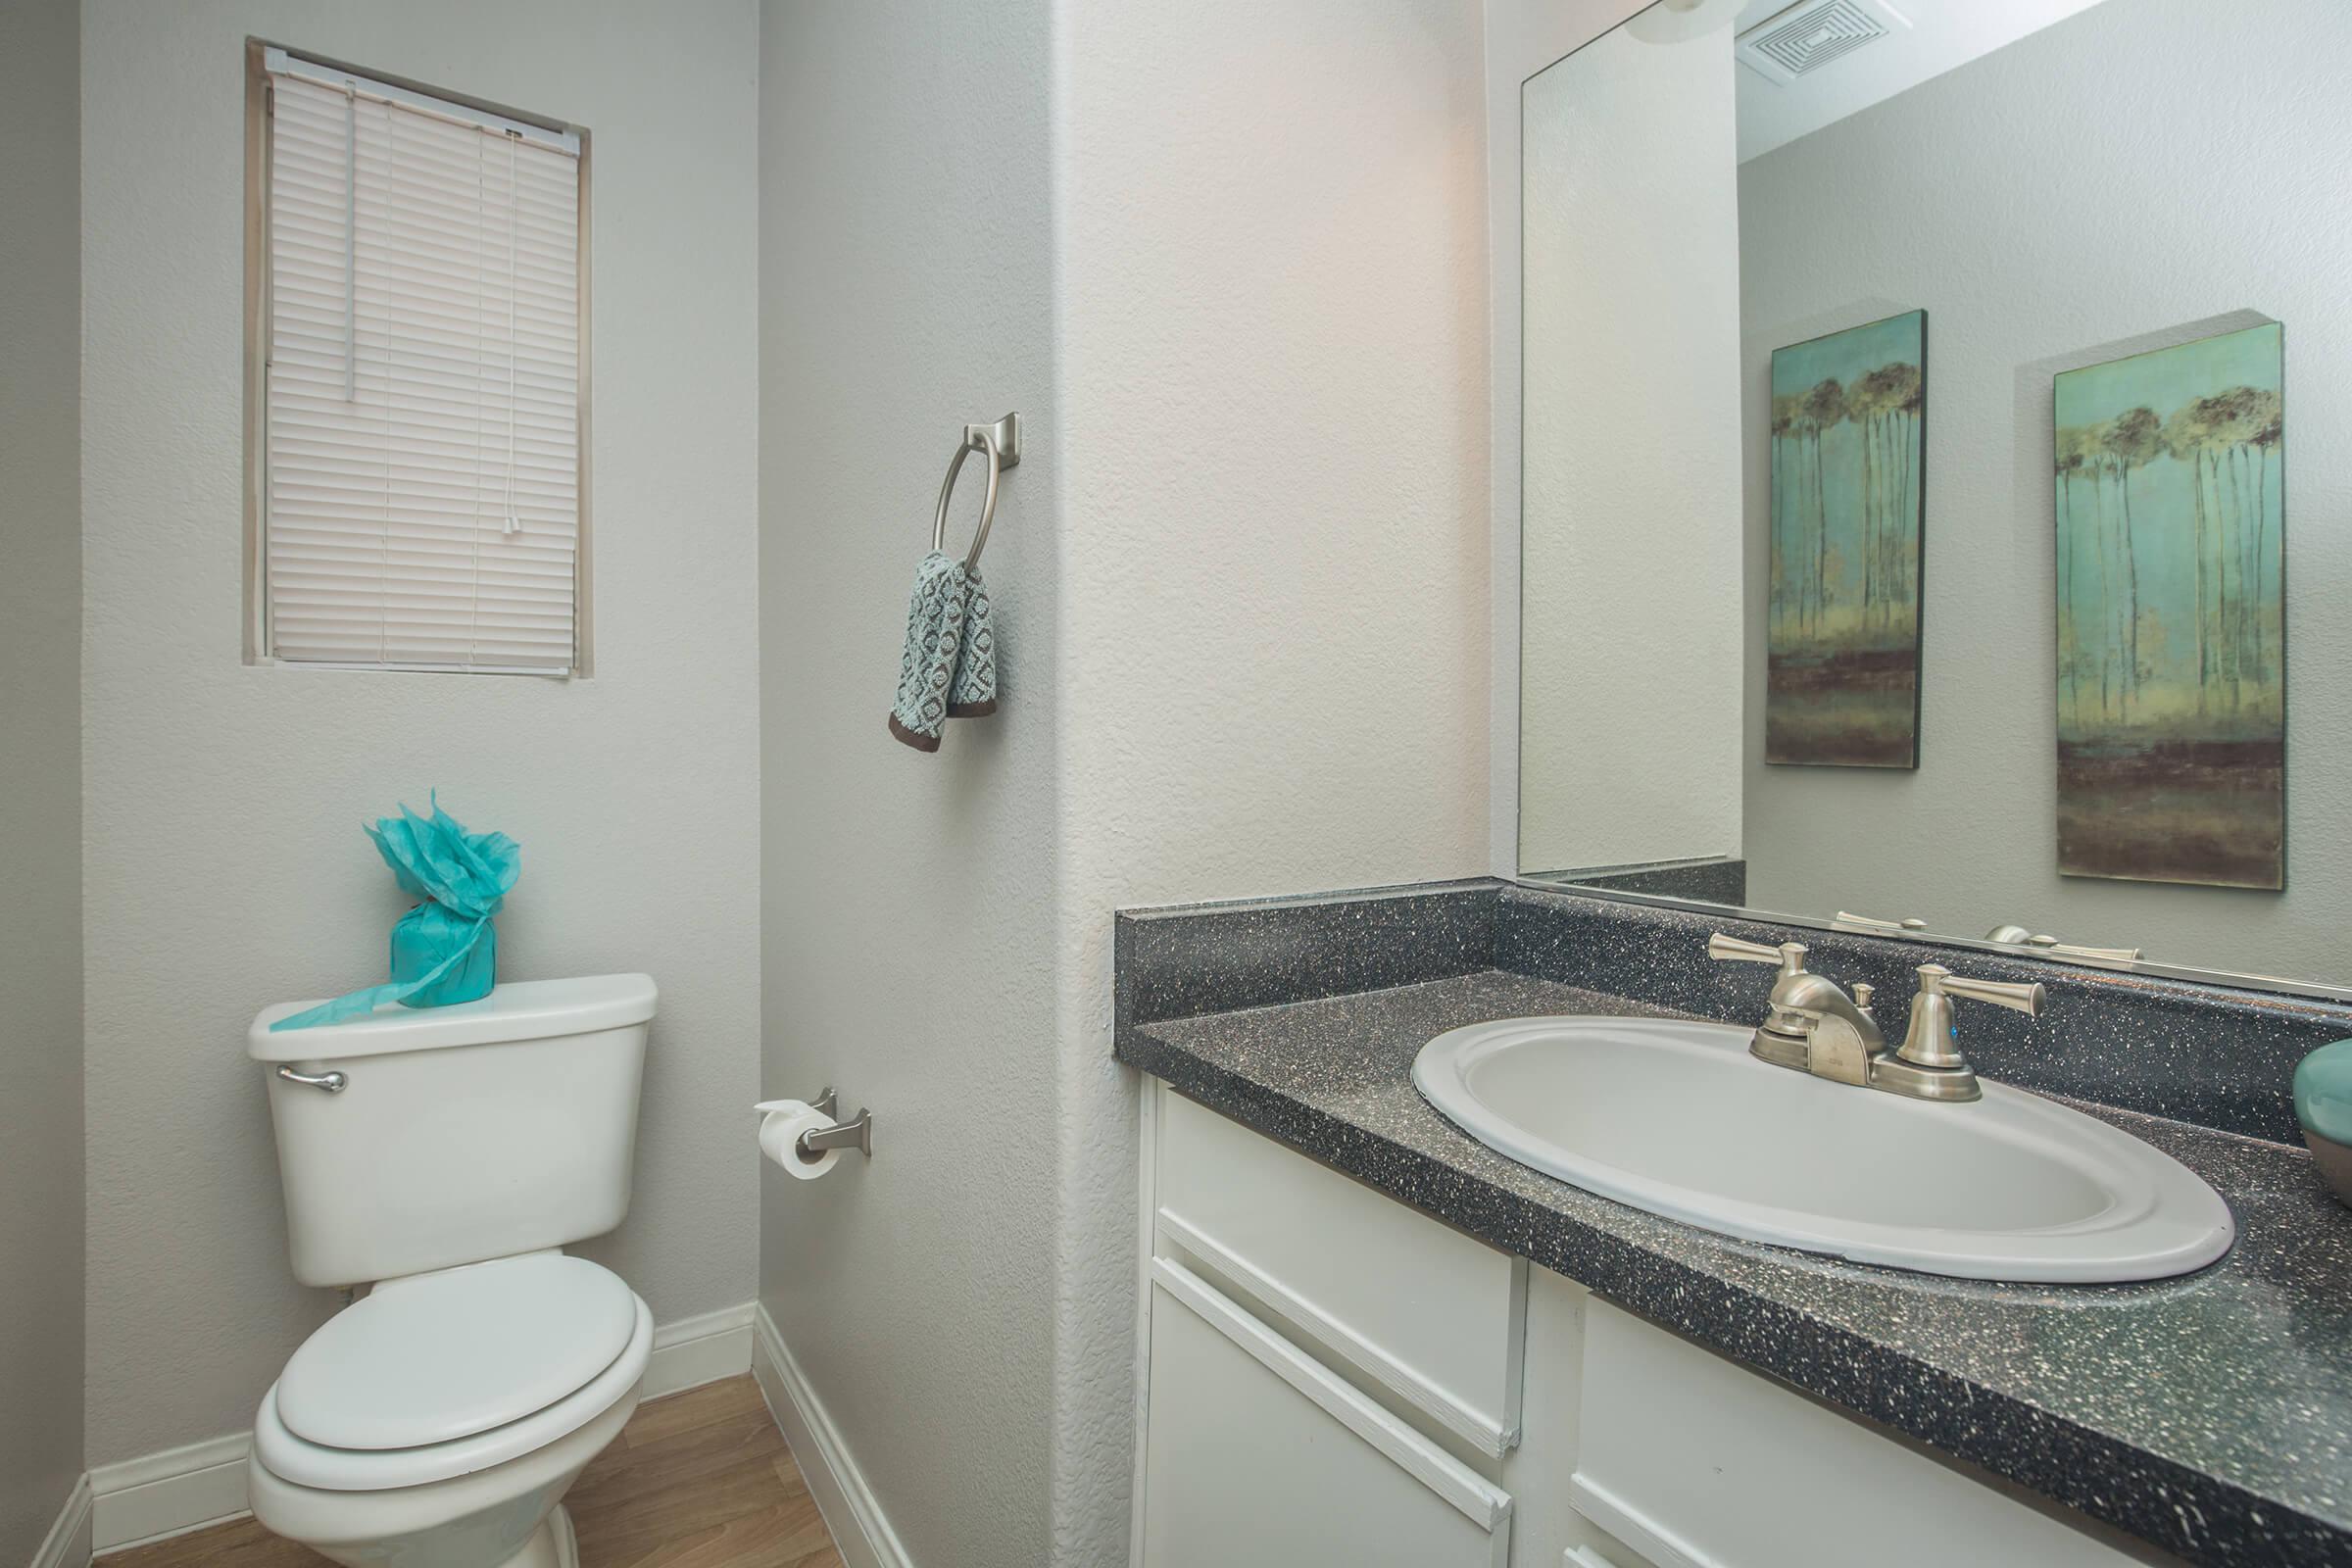 Modern Bathroom at Siena Townhomes in Las Vegas, Nevada